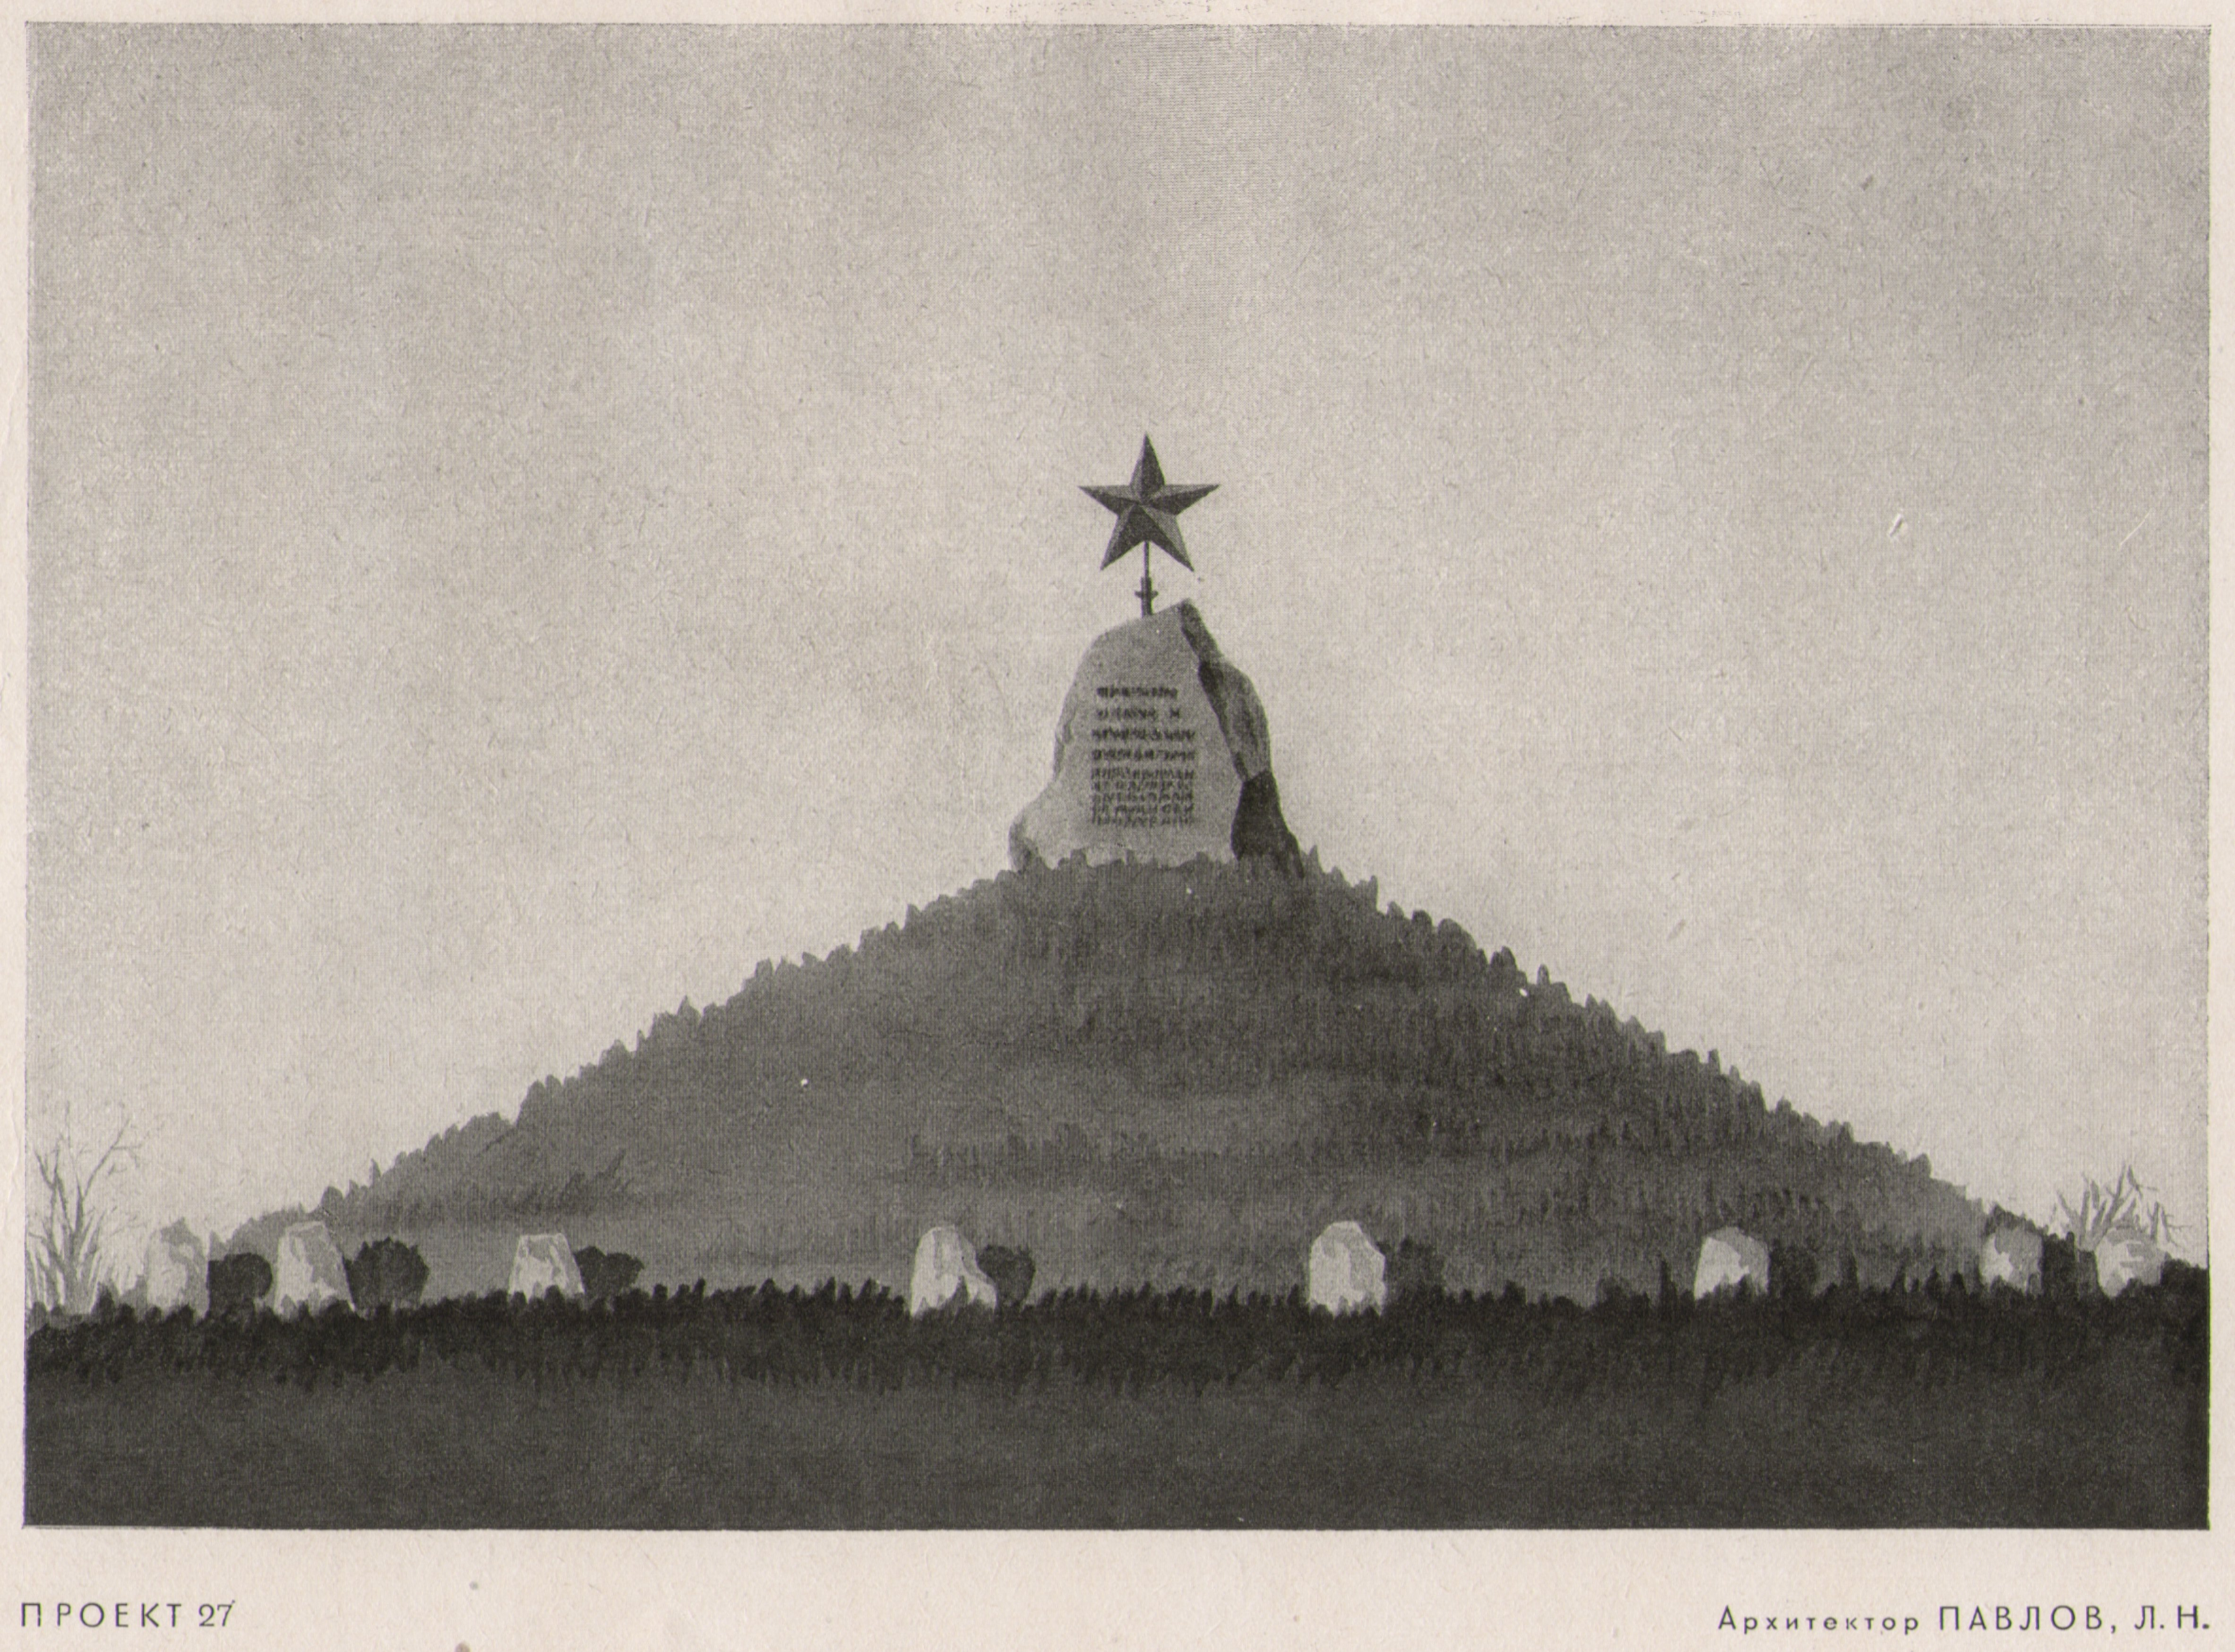 Подбор памятников Партизанская гранитный памятник с крестом в перми цены